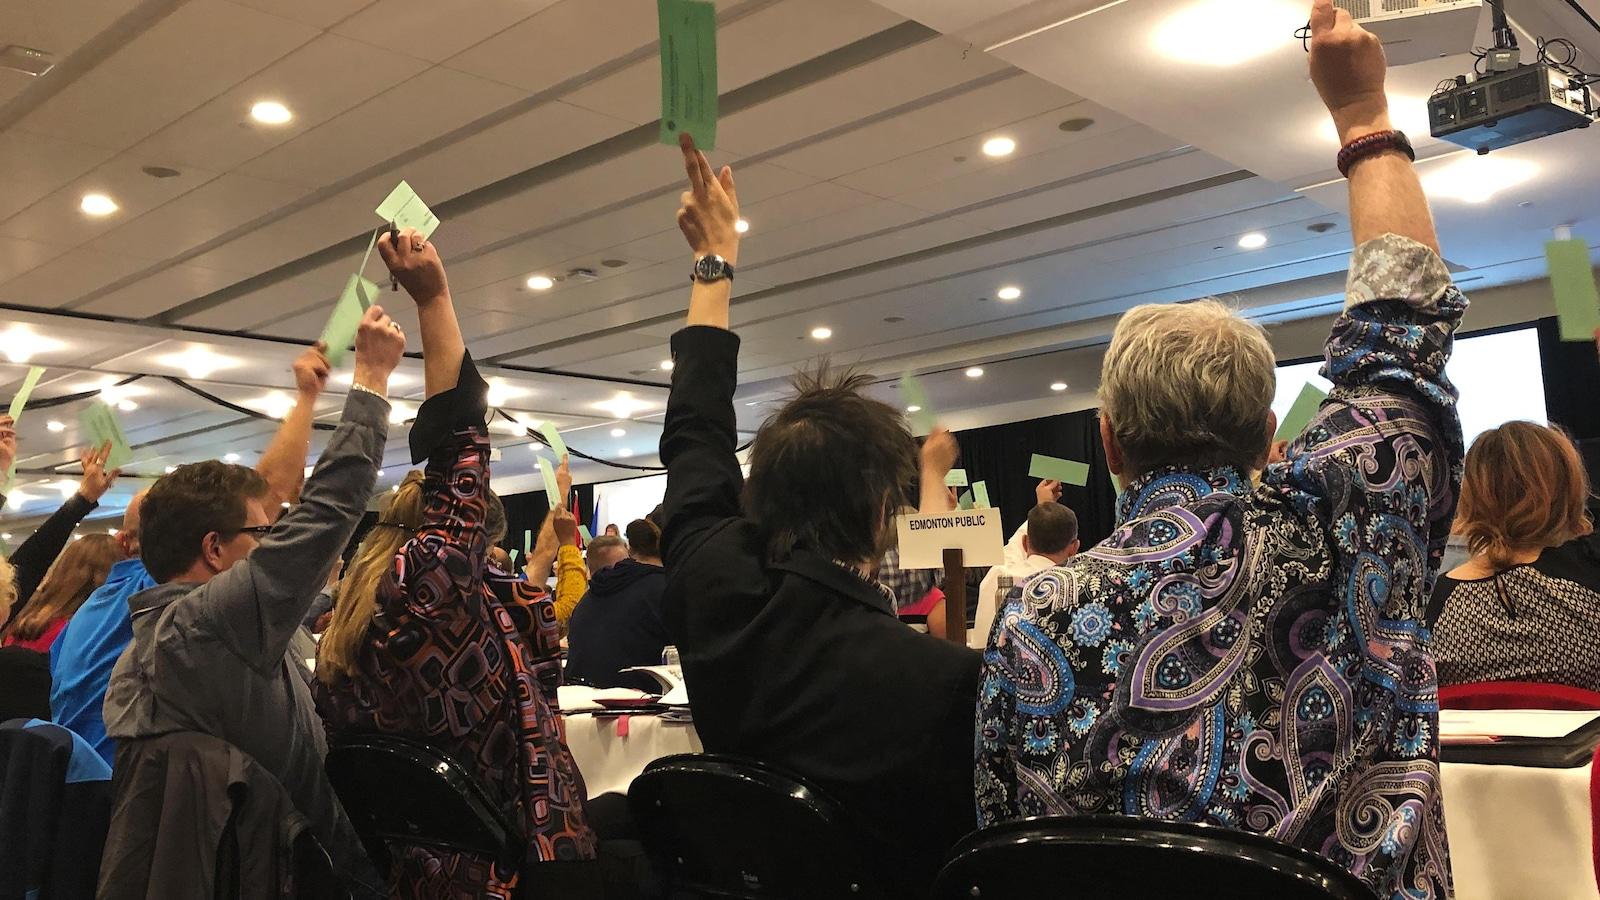 Des délégués brandissent leur bulletin de vote pour voter en faveur de la résolution.